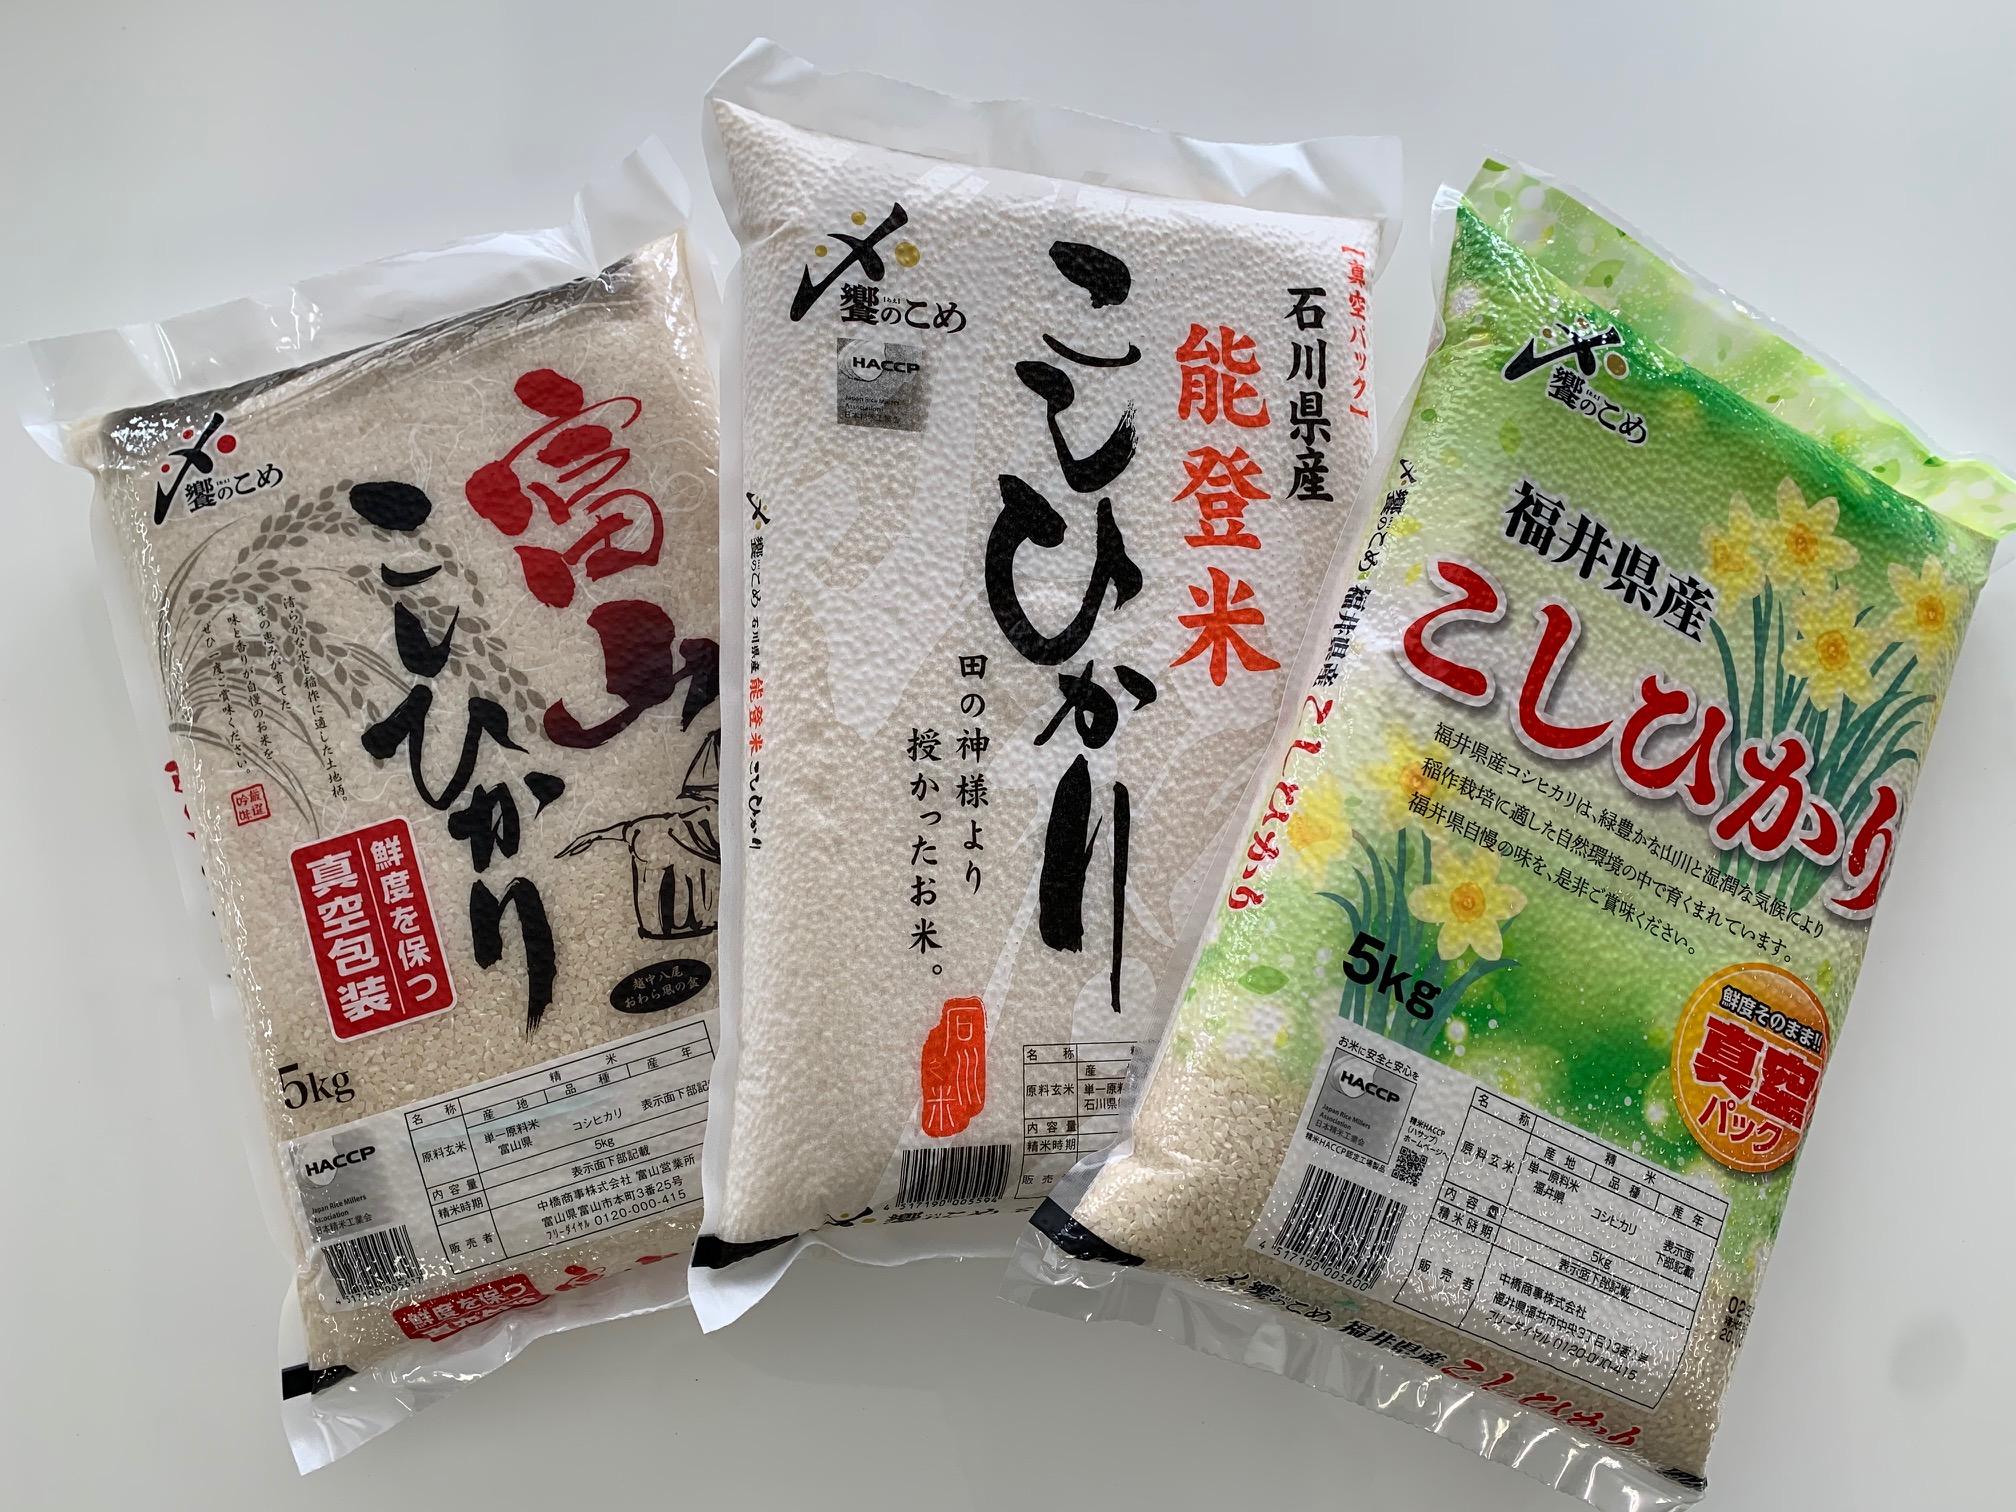 食品ロスの縮減に向けた取り組みについて(袋詰精米の真空包装商品の製造・販売)